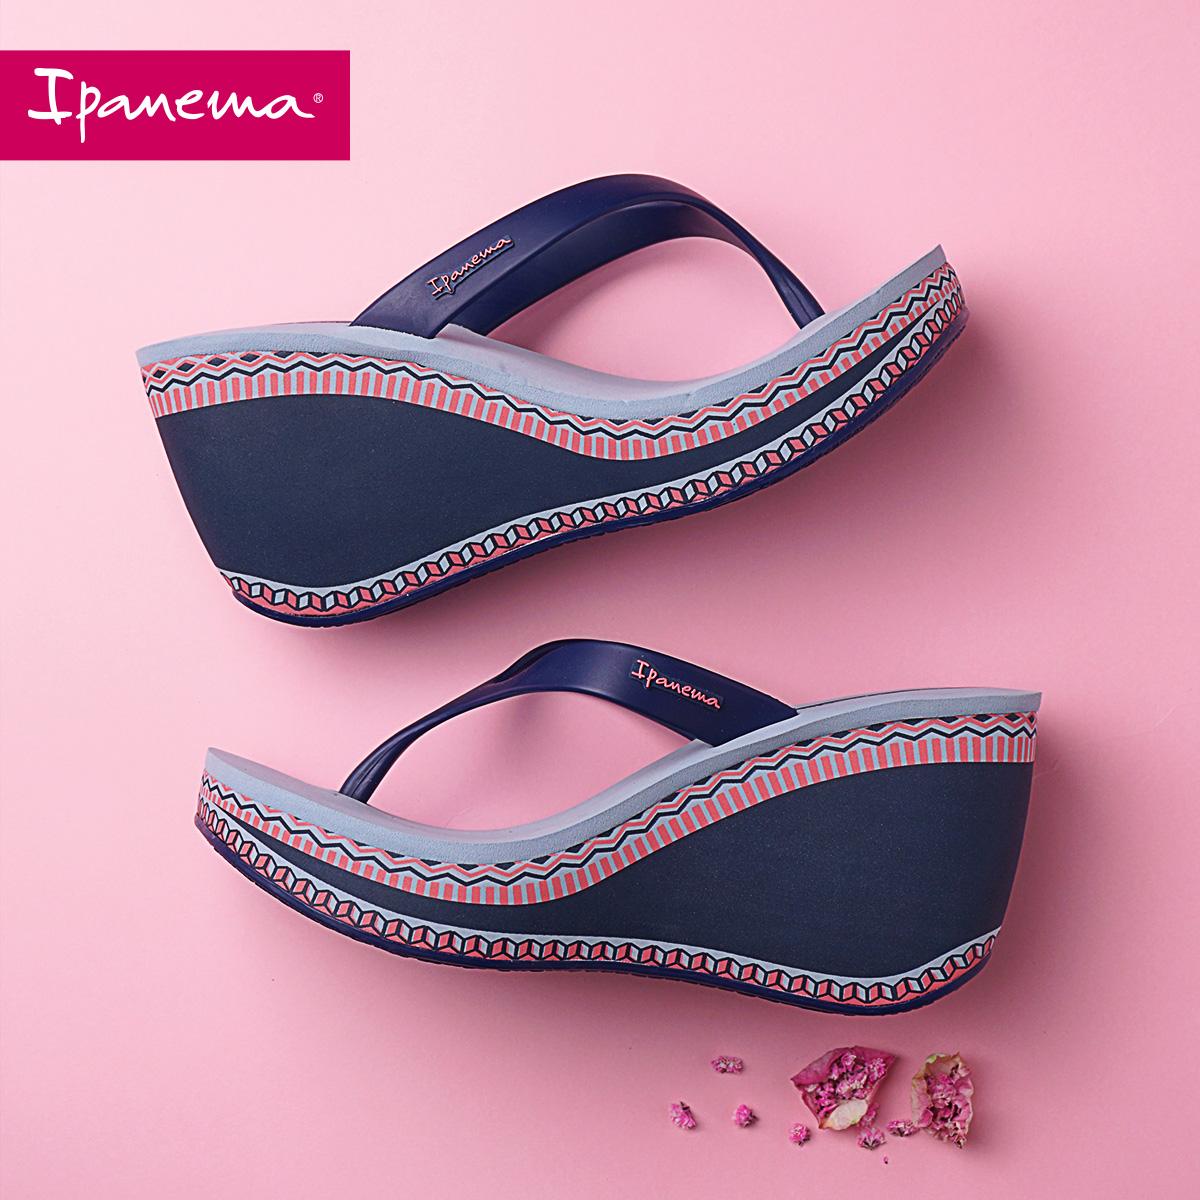 坡跟鞋 Ipanema拖鞋女外穿夏季时尚ins潮坡跟凉拖鞋高跟厚底夹趾人字拖_推荐淘宝好看的女坡跟鞋